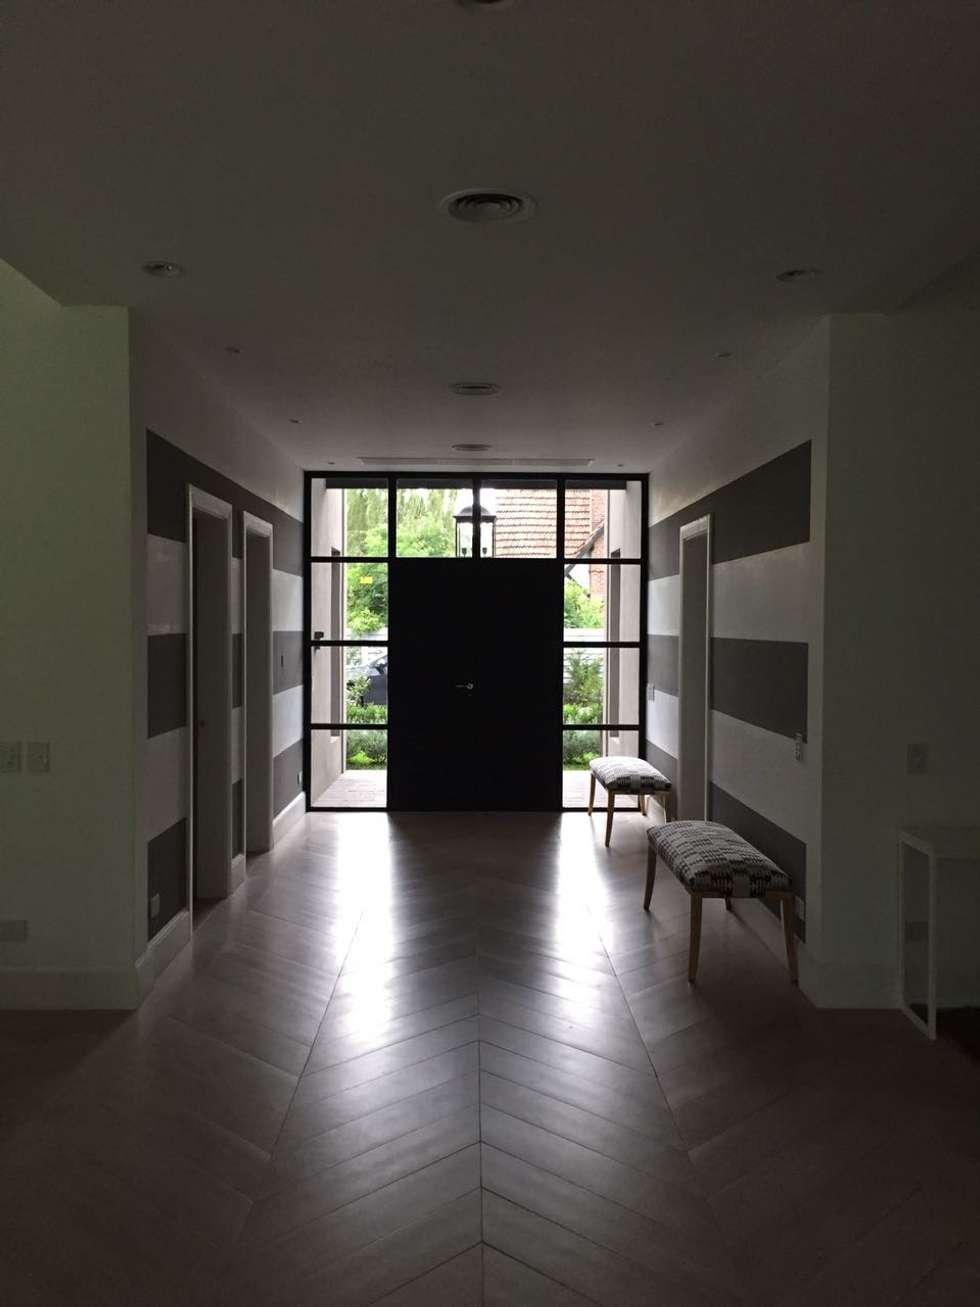 CASA EN TORTUGAS CC-HALL DE ACCESO: Pasillos y recibidores de estilo  por Estudio Dillon Terzaghi Arquitectura